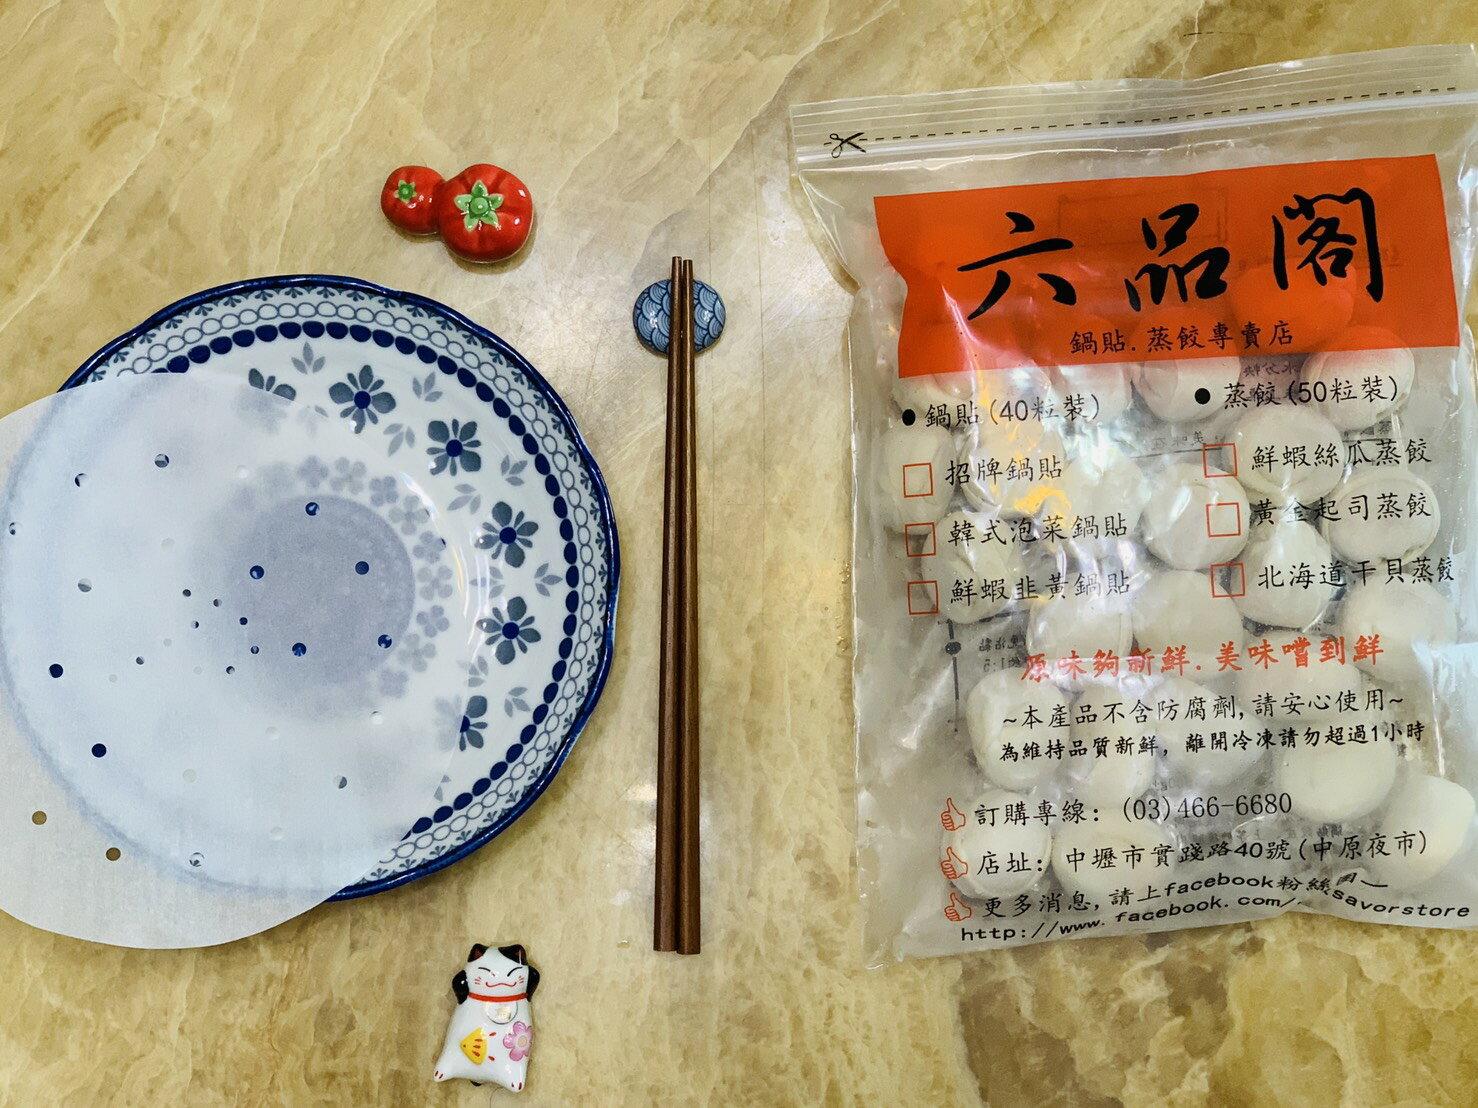 六品閣 黃金起司玉米蒸餃(一袋24入) 6